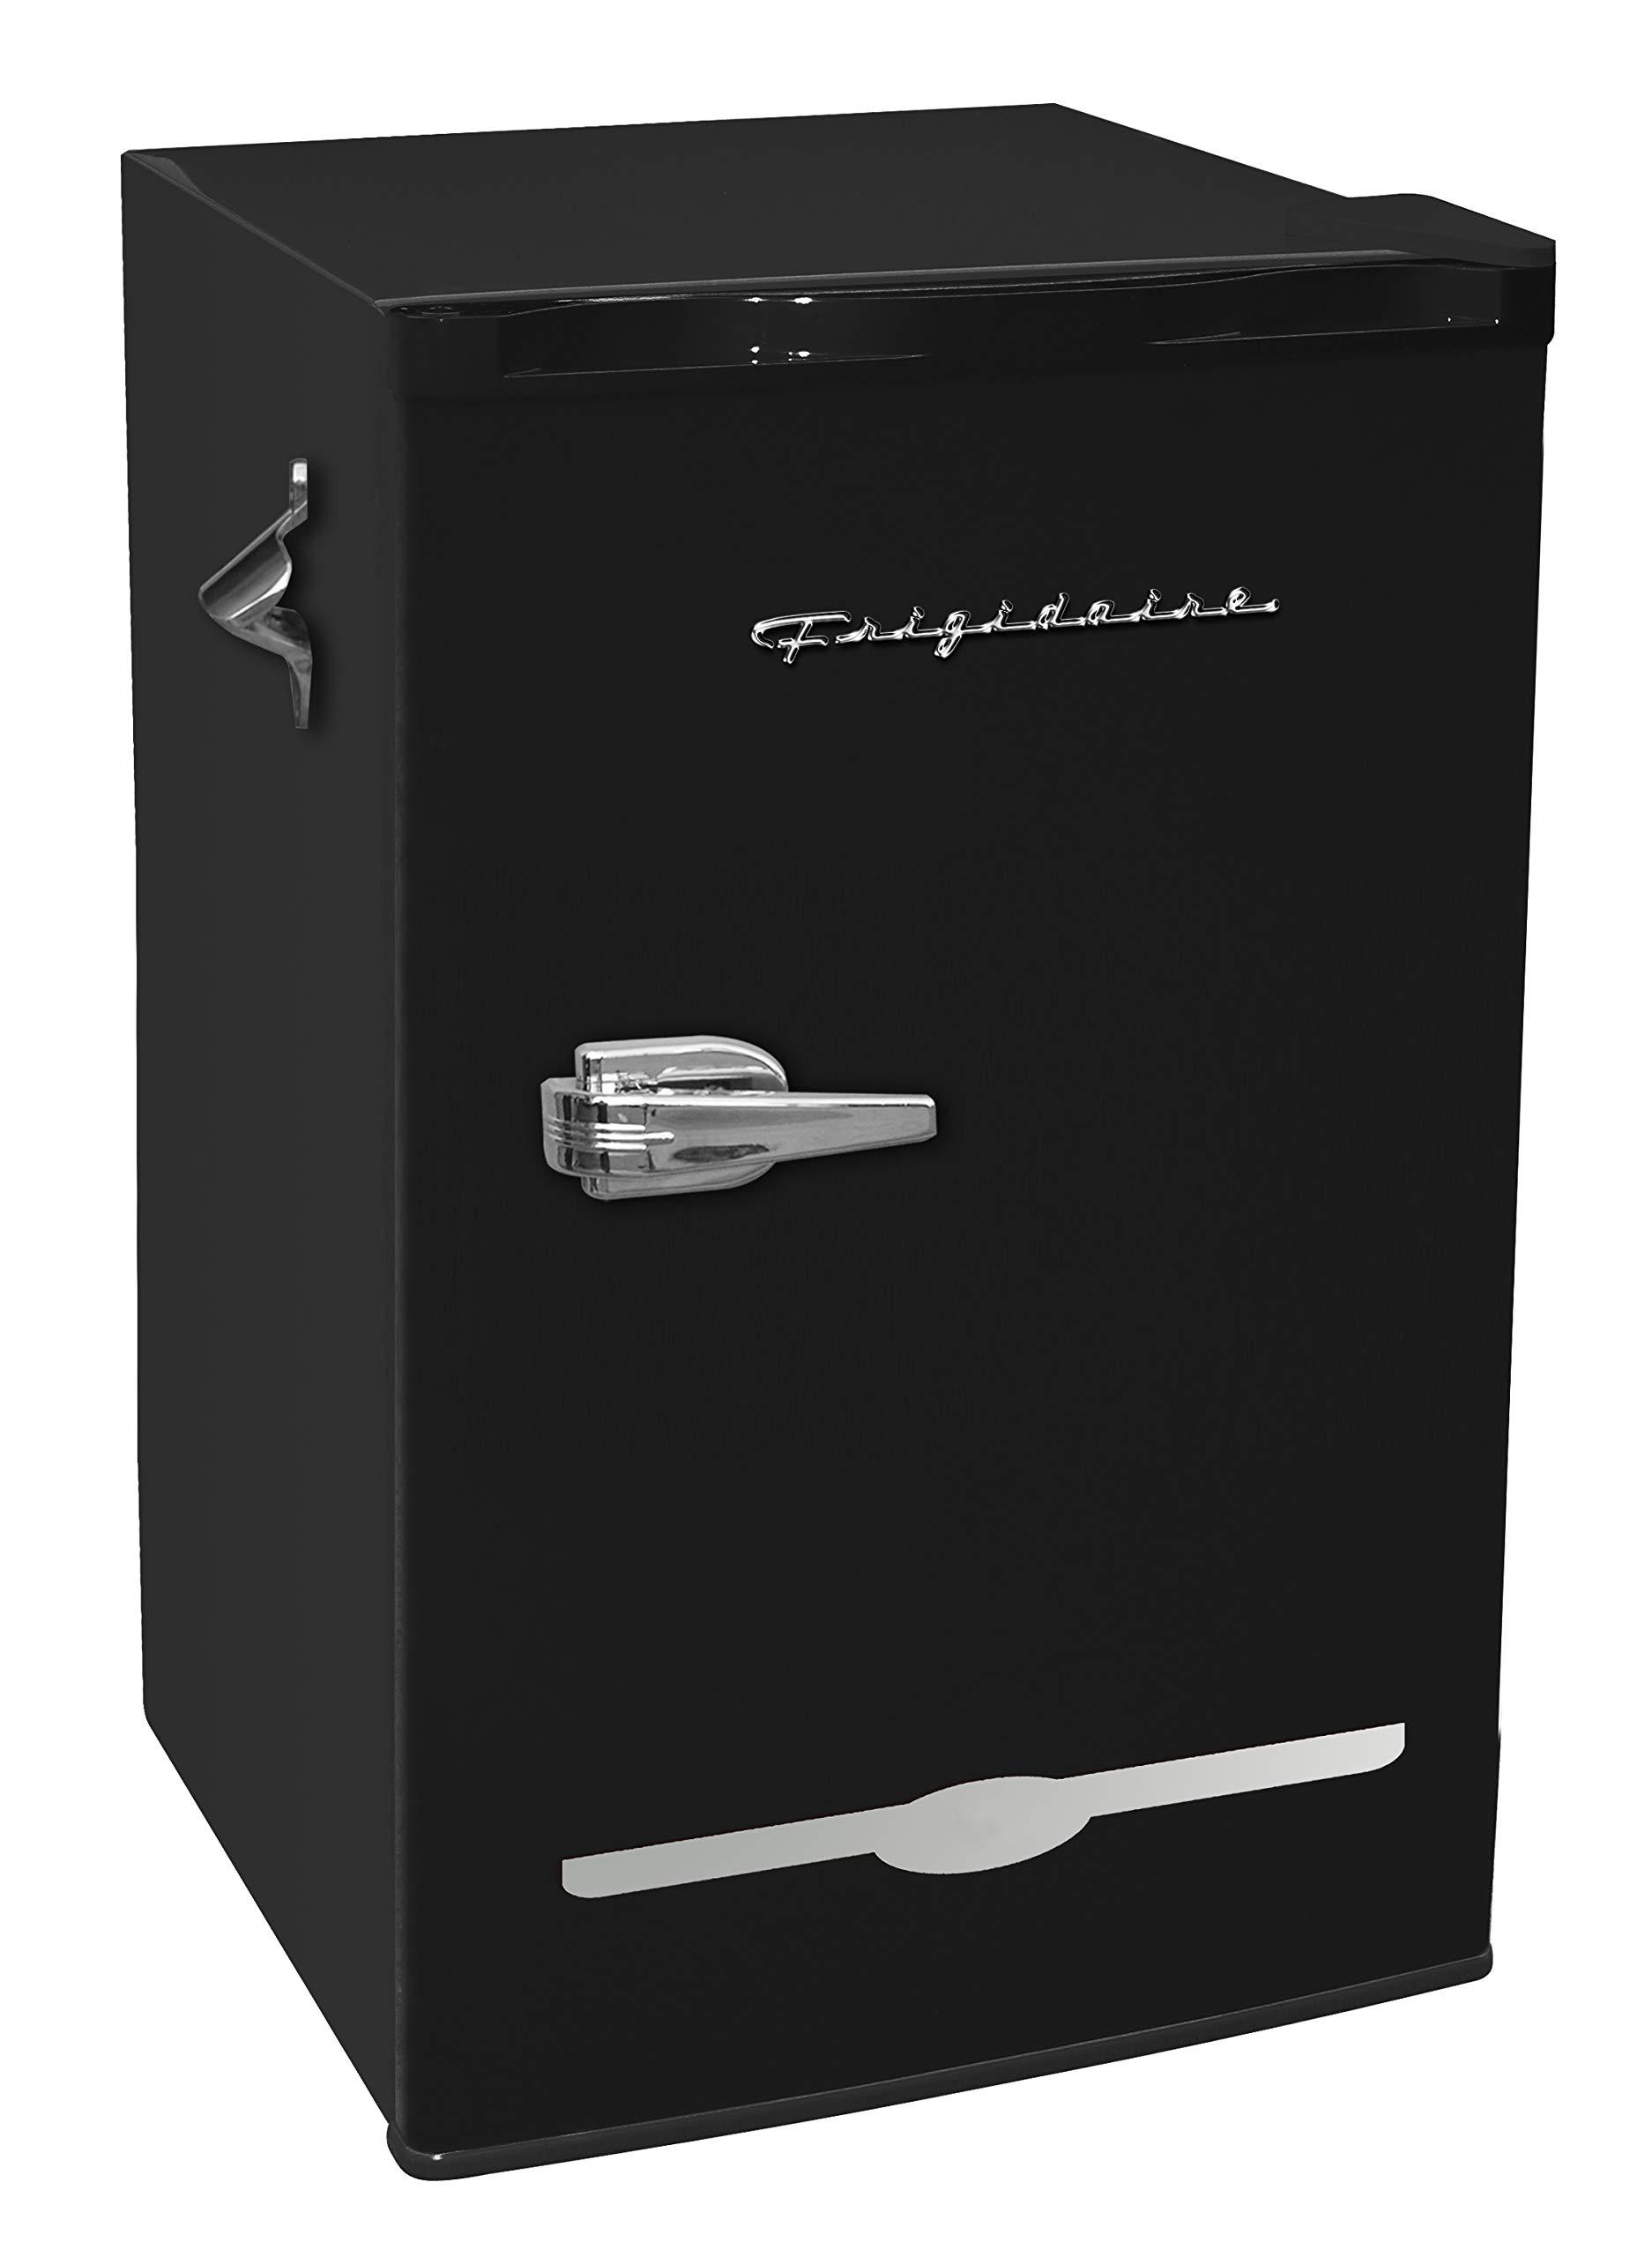 Frigidaire EFR376-BLACK 3.2 Cu Ft Black Retro Bar Fridge with Side Bottle Opener